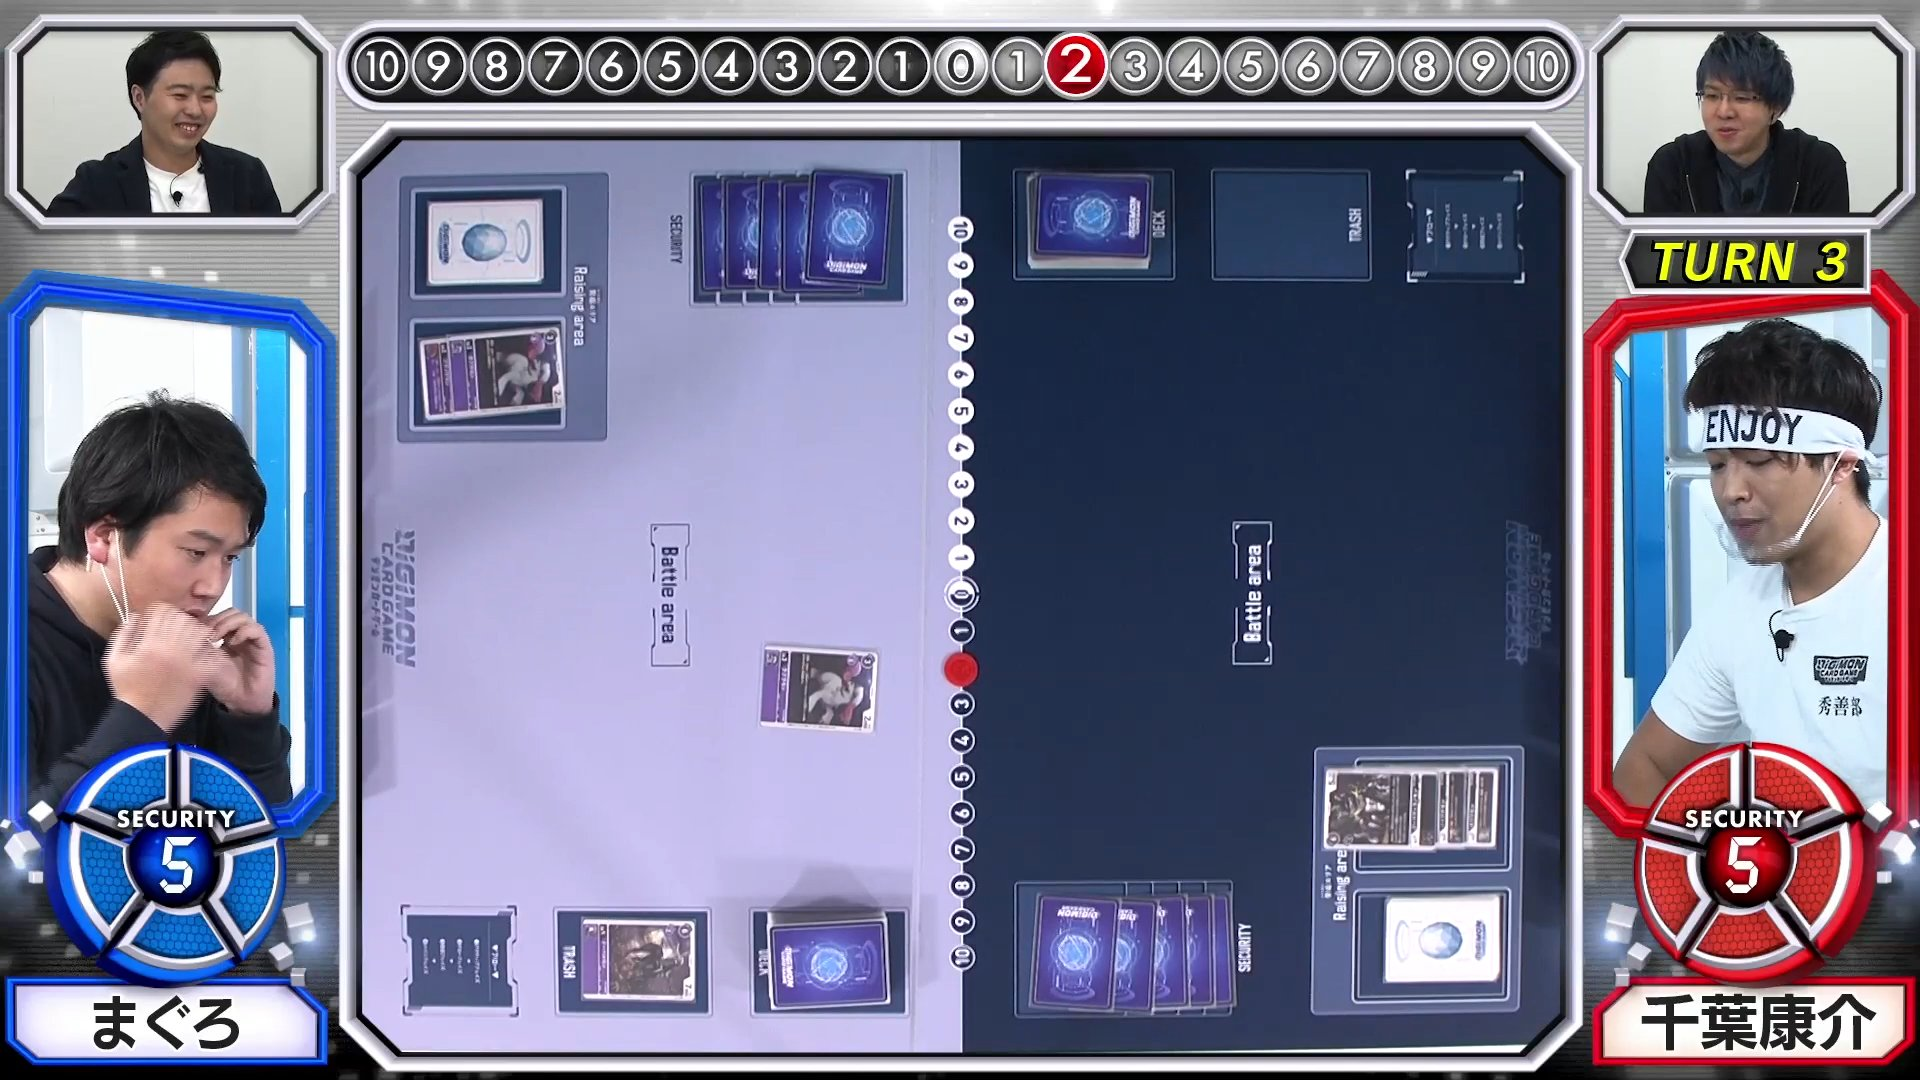 digimoncardbattle_v2_14_05_january14_2021.jpg